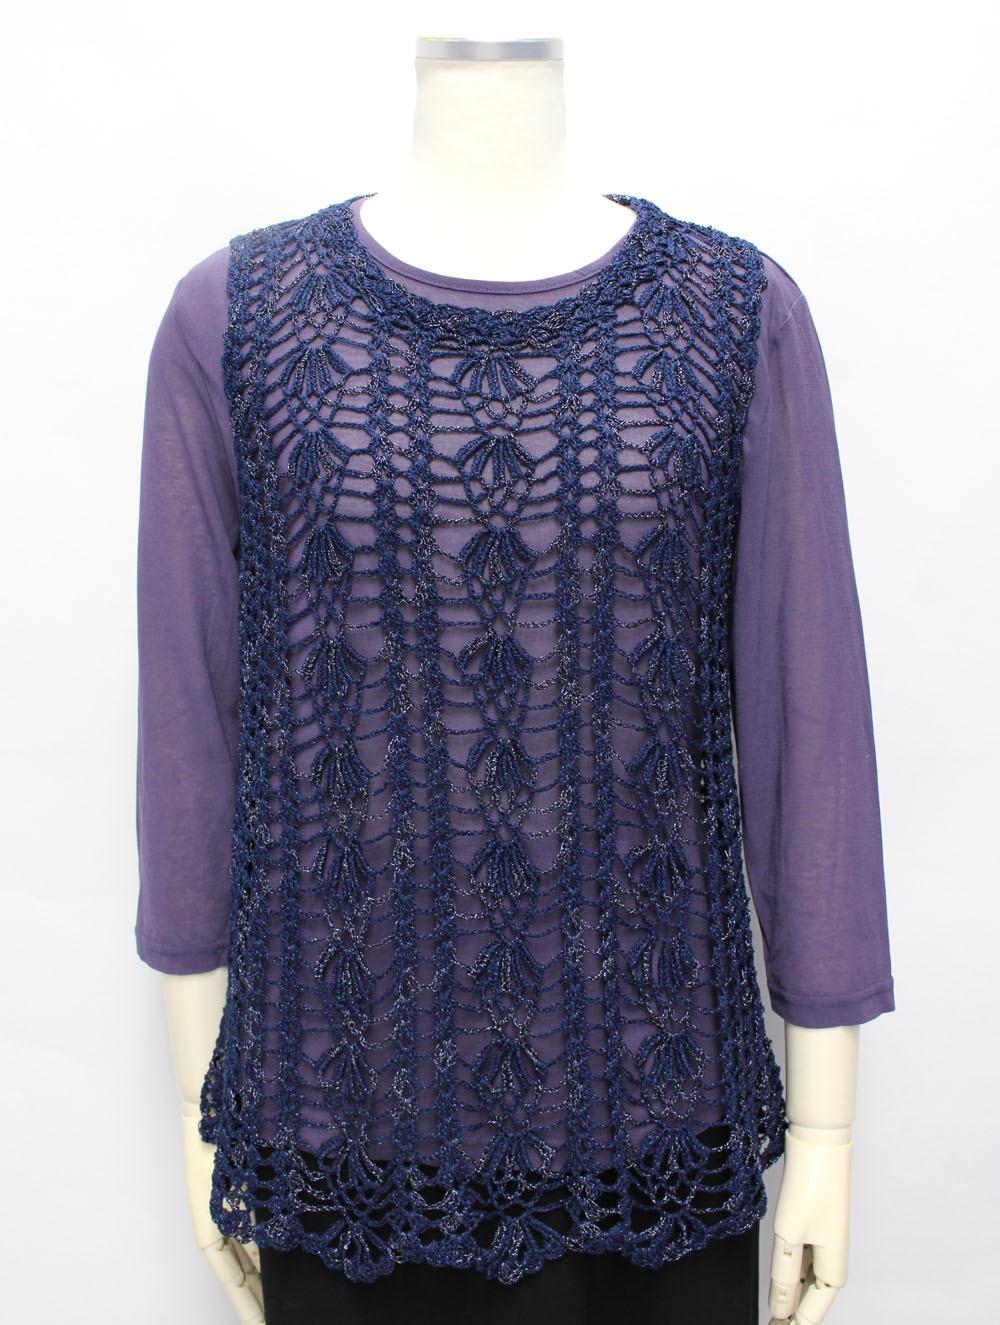 すてきな手編みのすてきな作品【スキーソフィア】_e0219061_17421363.jpg